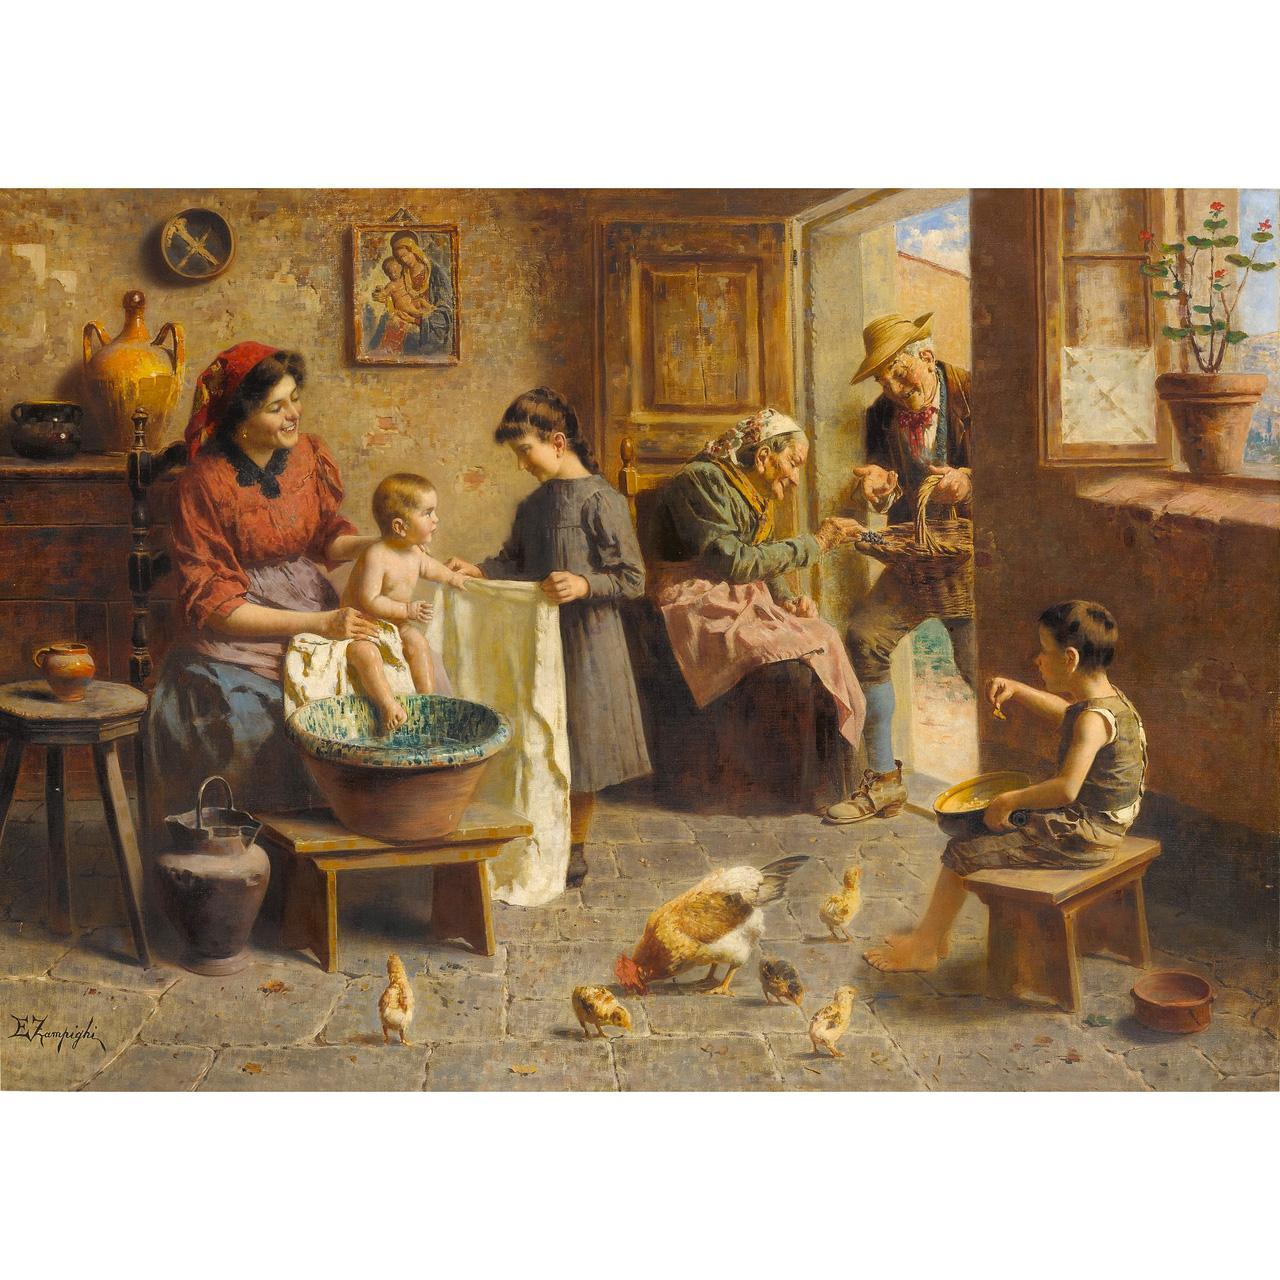 Eugenio Zampighi Happy Family Painting